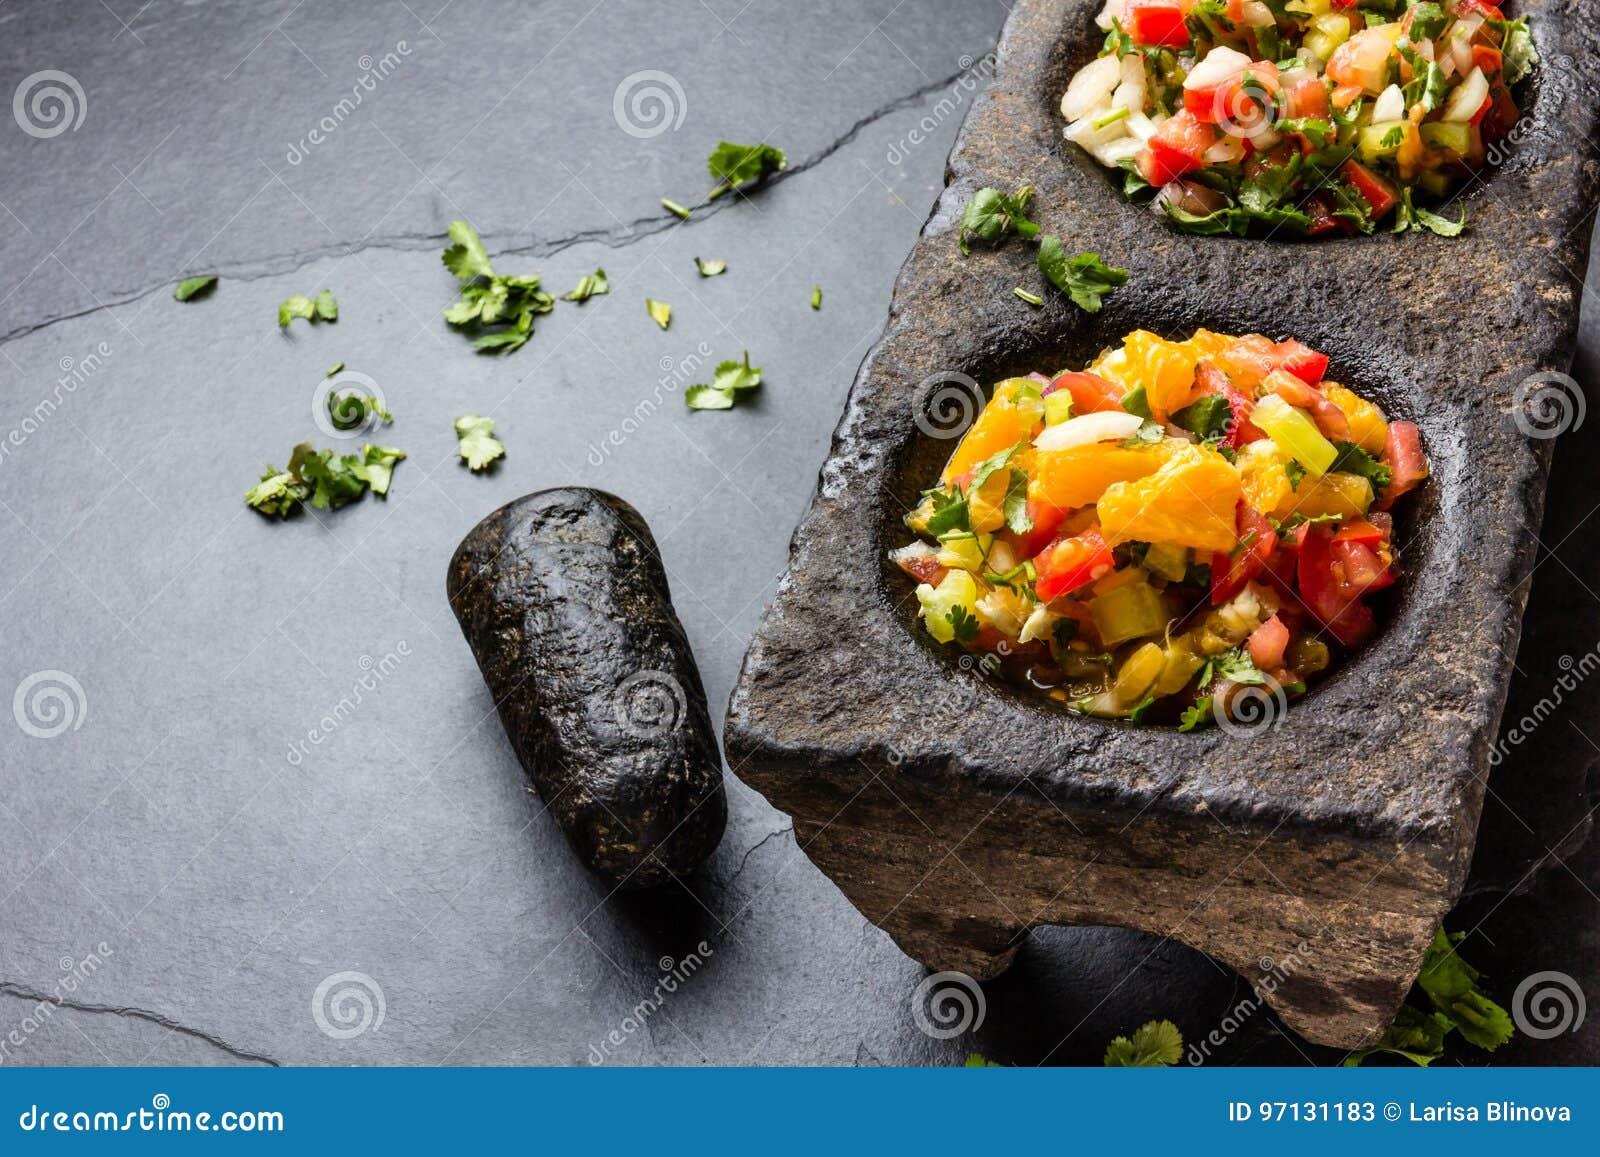 El mexicano famoso sauces las salsas - pico de Gallo, mexicana del bandera de la salsa en los morteros de piedra en fondo gris de